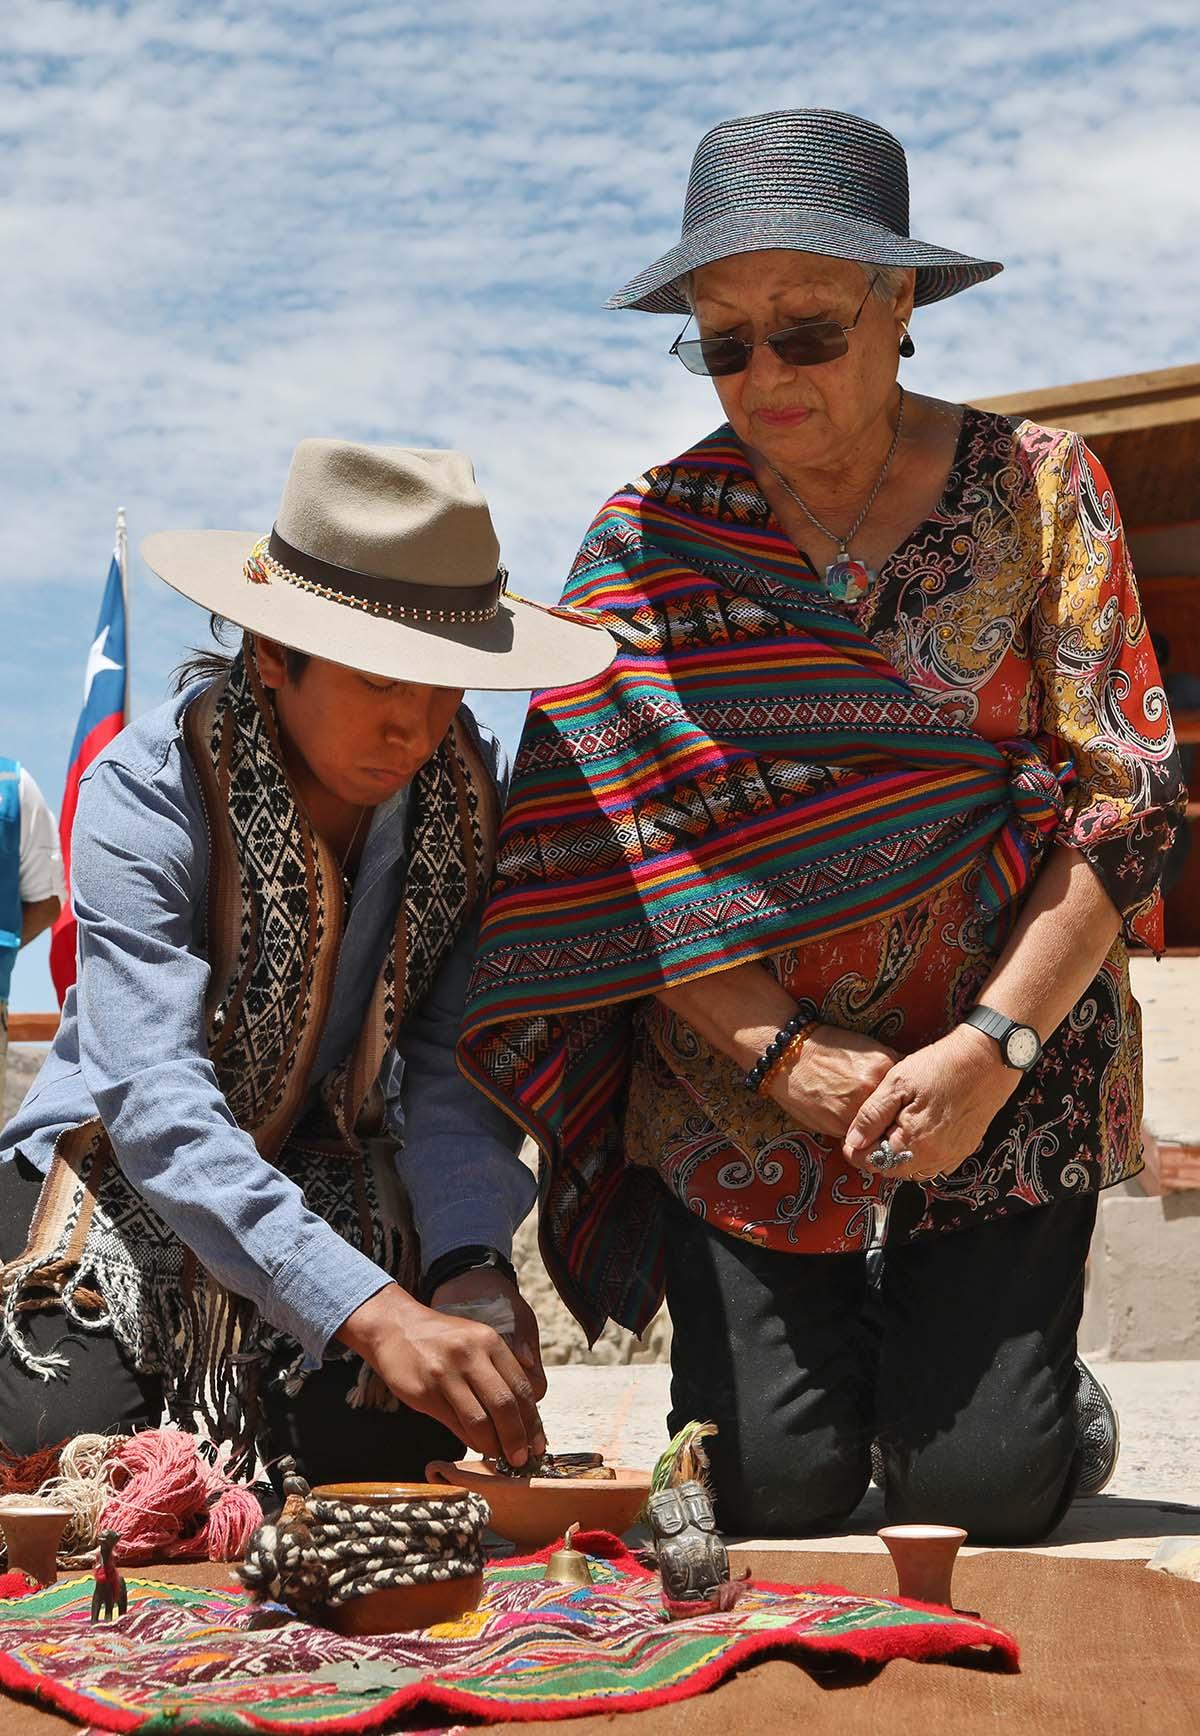 El_ultimo_testimonio_quechua